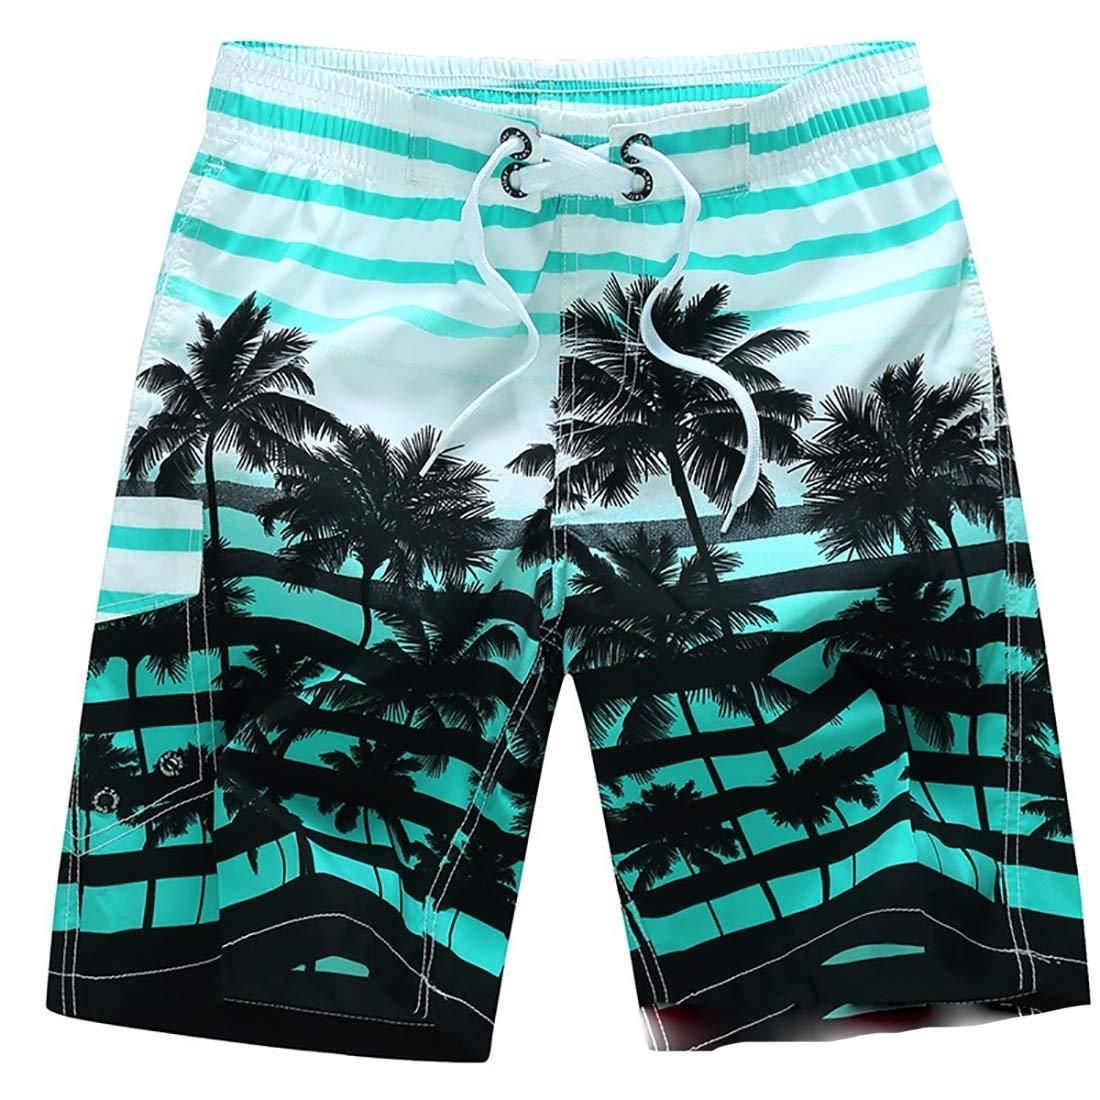 Mens Fashion Summer High Waist Swim Trunks Quick Dry Beach Shorts